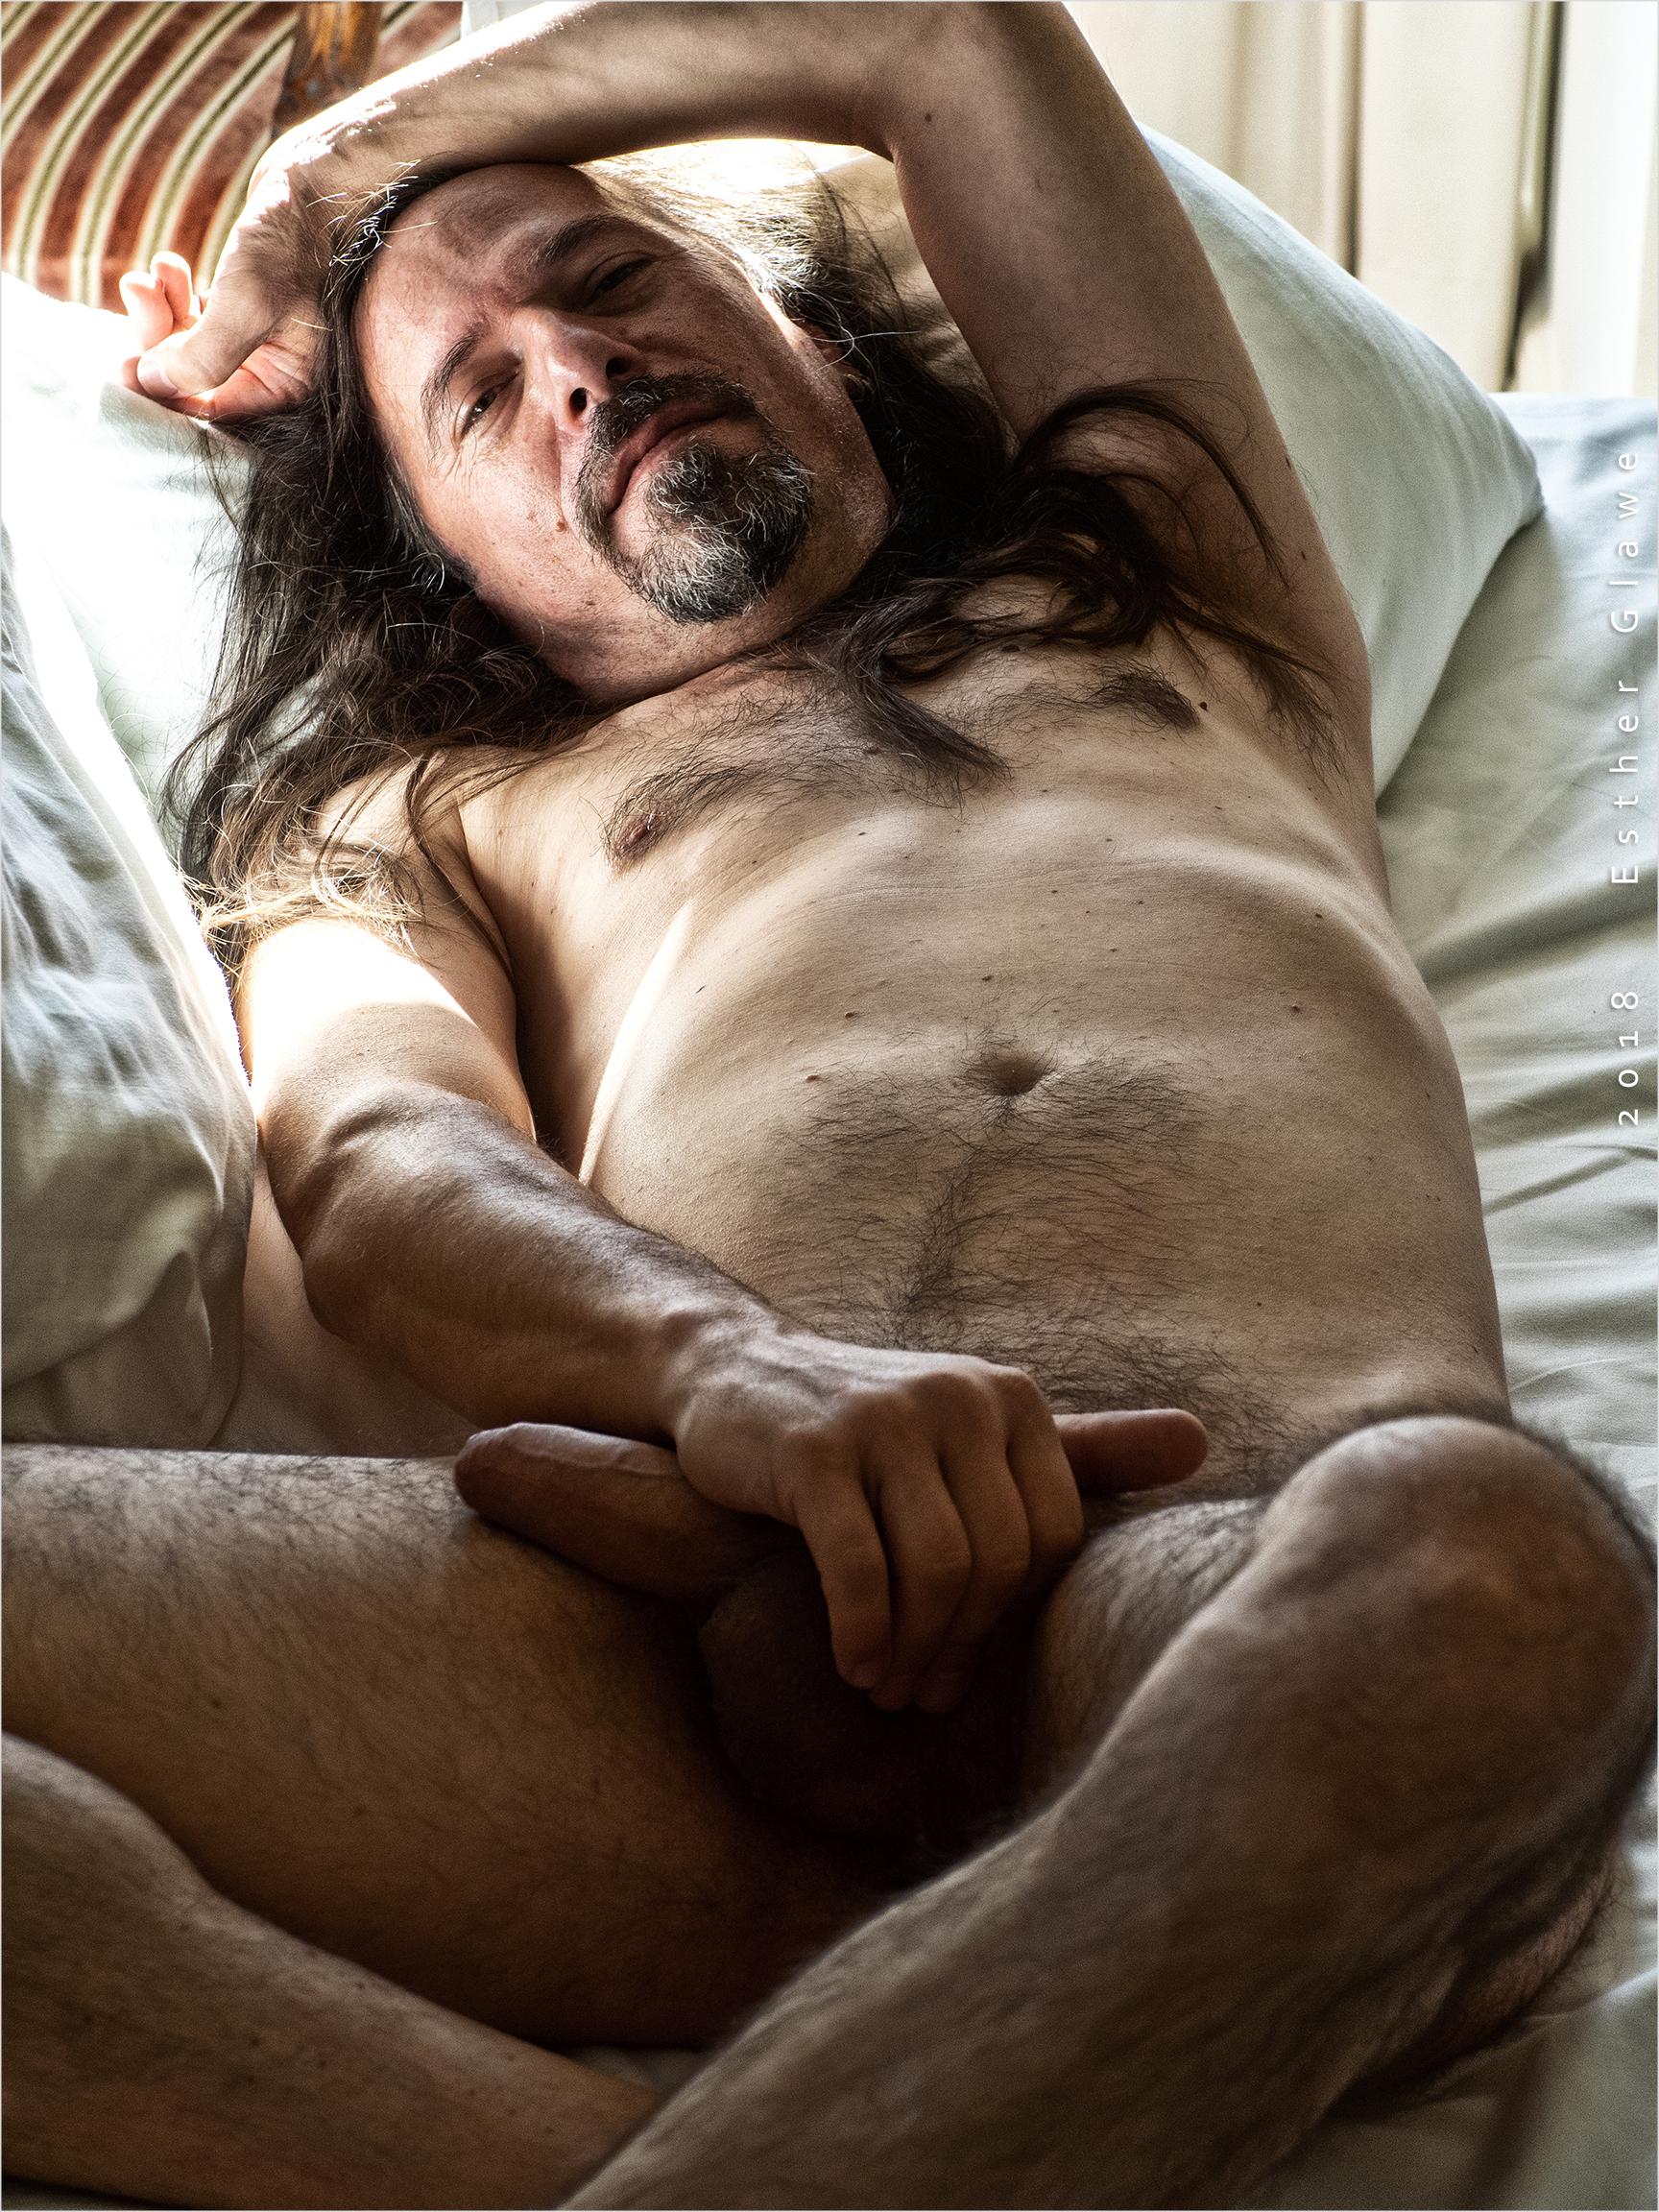 nackter Mann liegt auf dem Bett